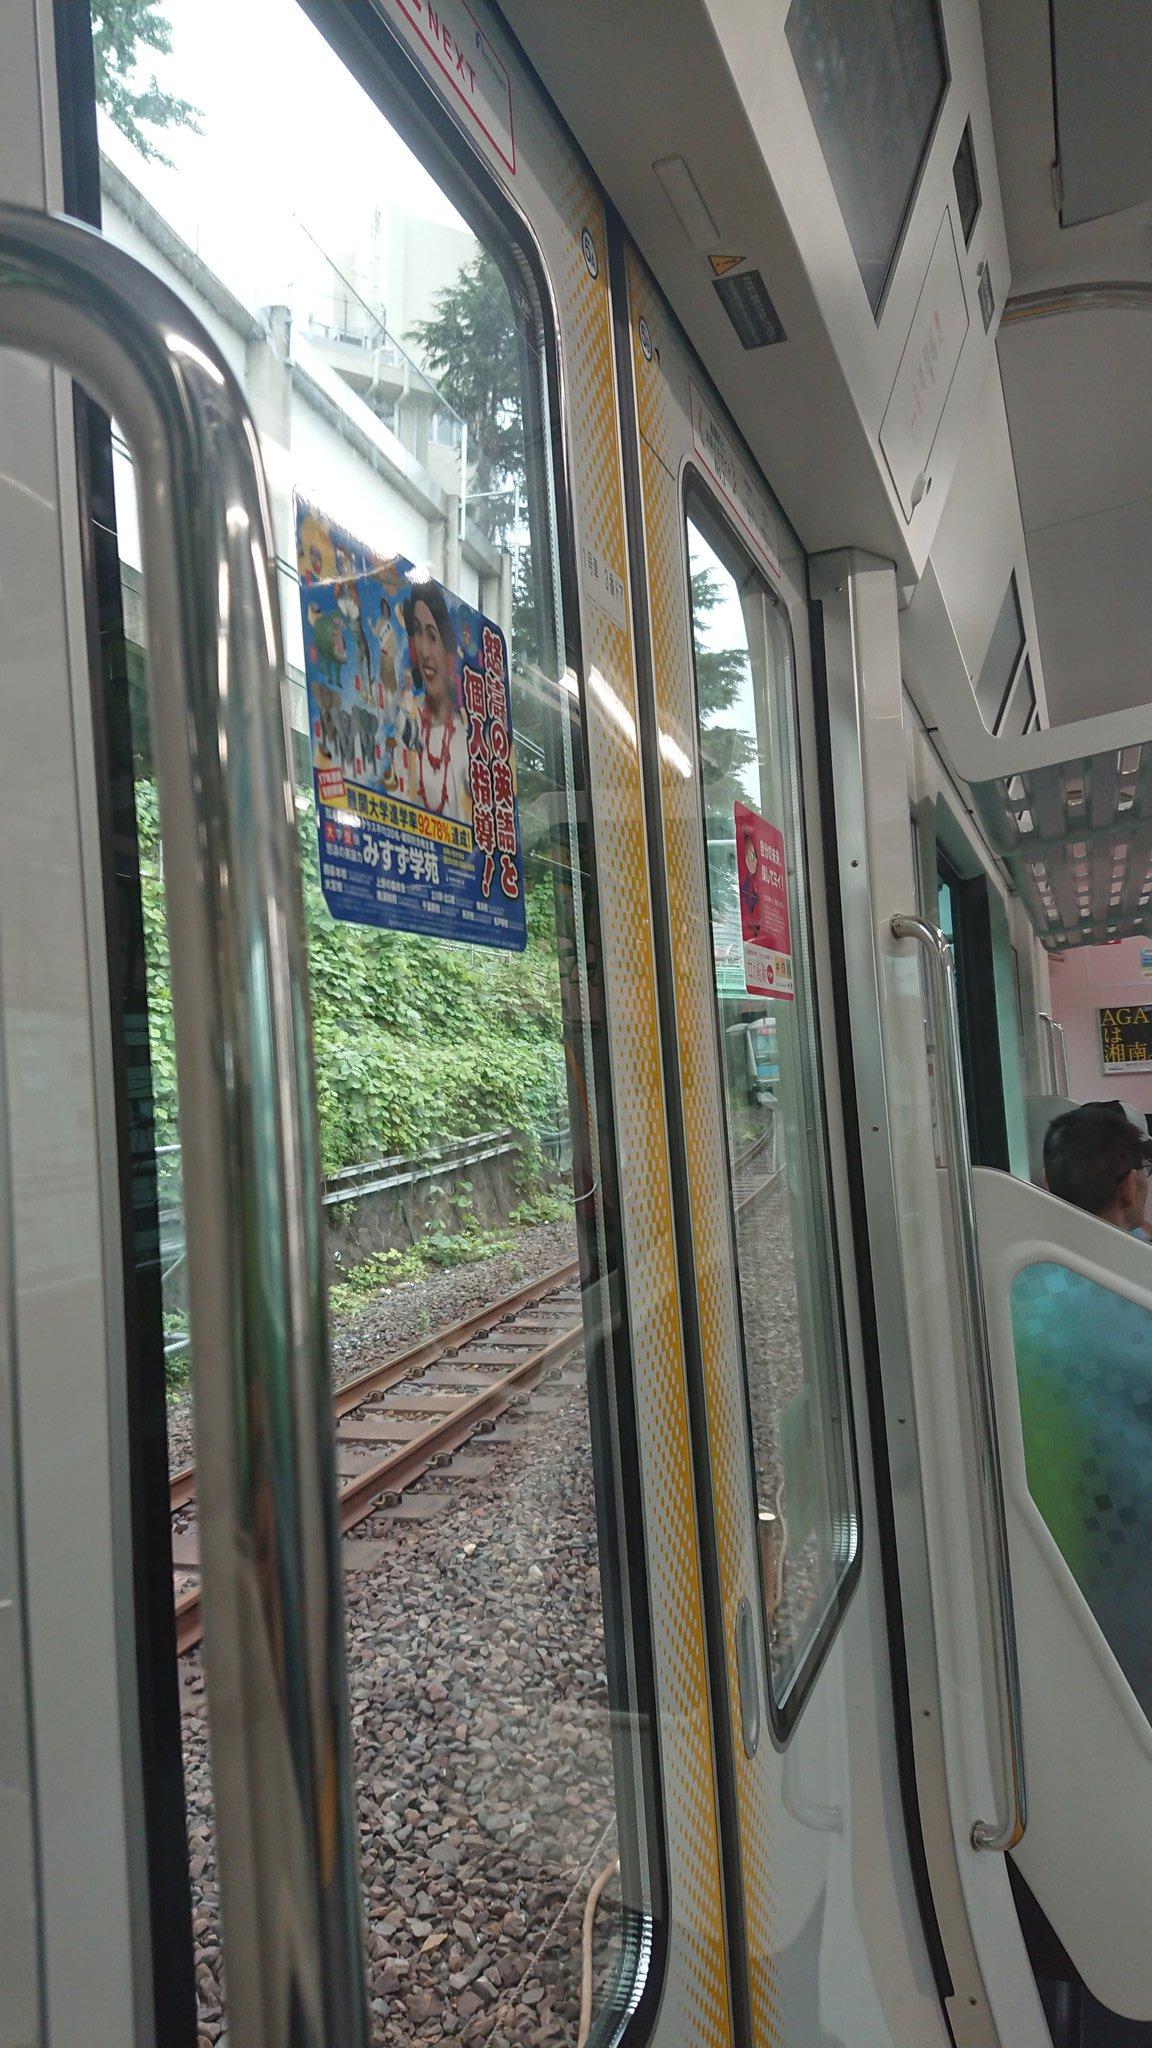 京浜東北線の鶯谷駅で人身事故が起きた現場の画像